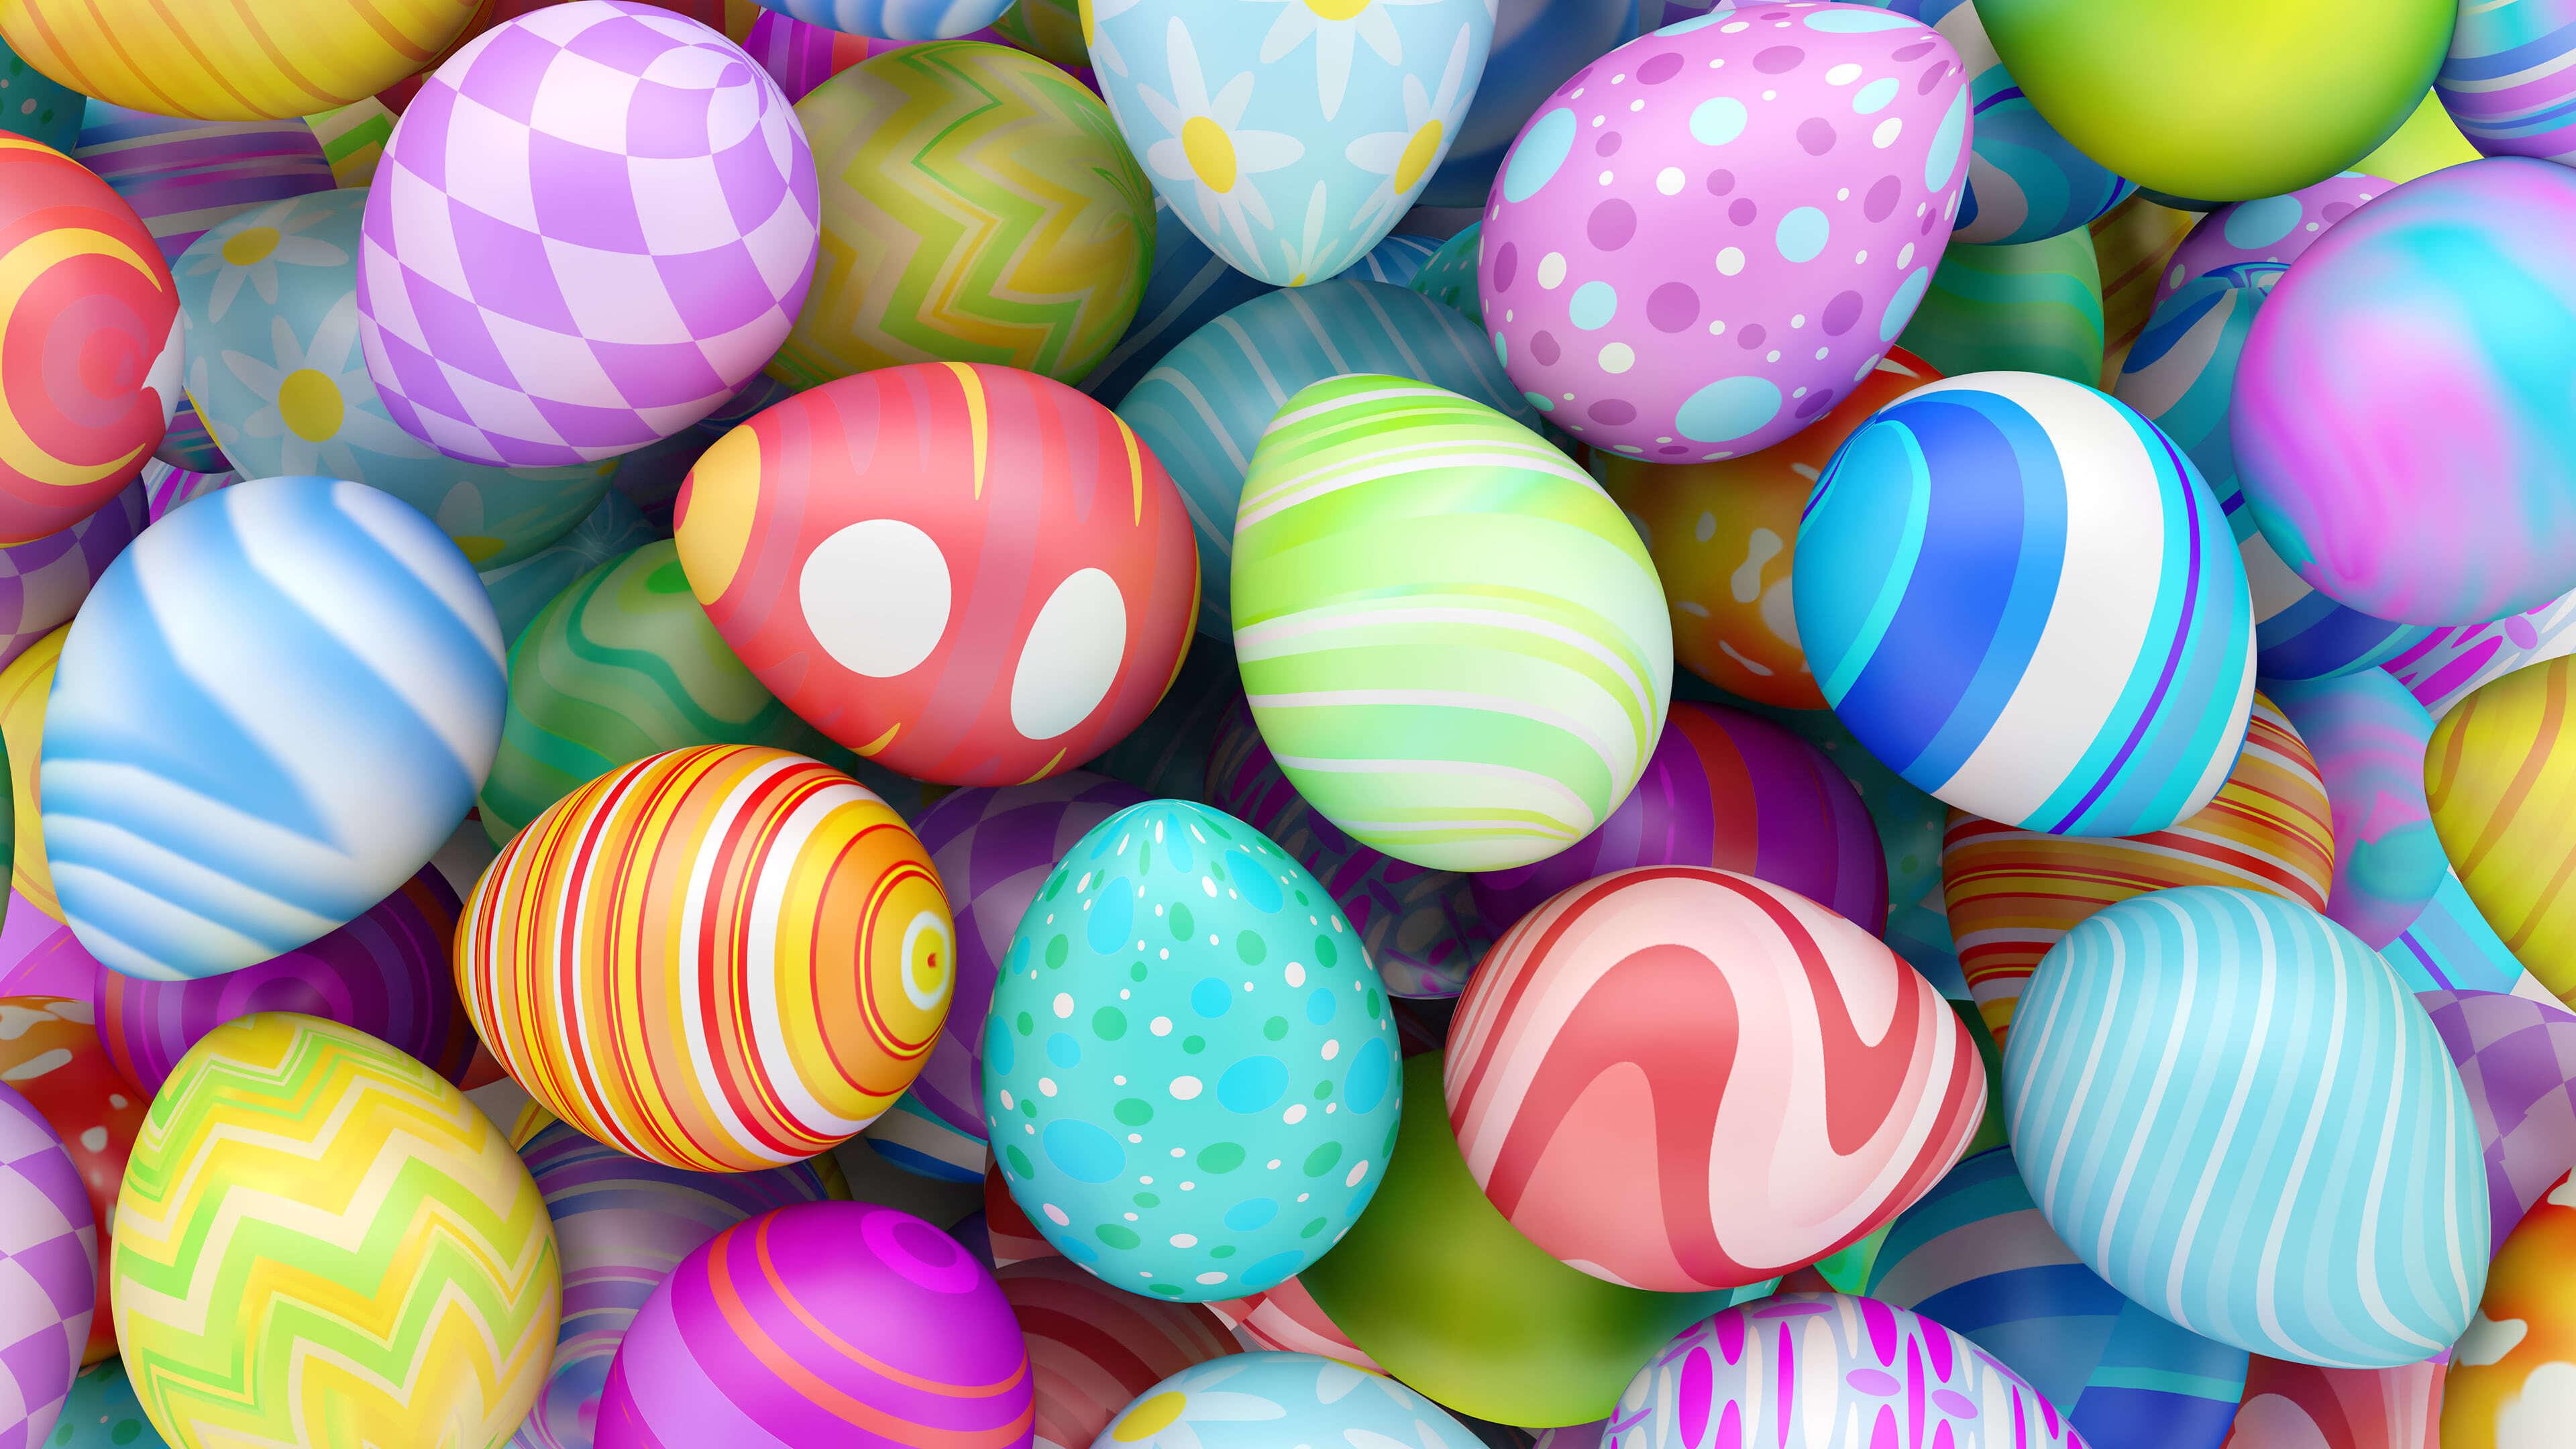 easter eggs uhd 4k wallpaper